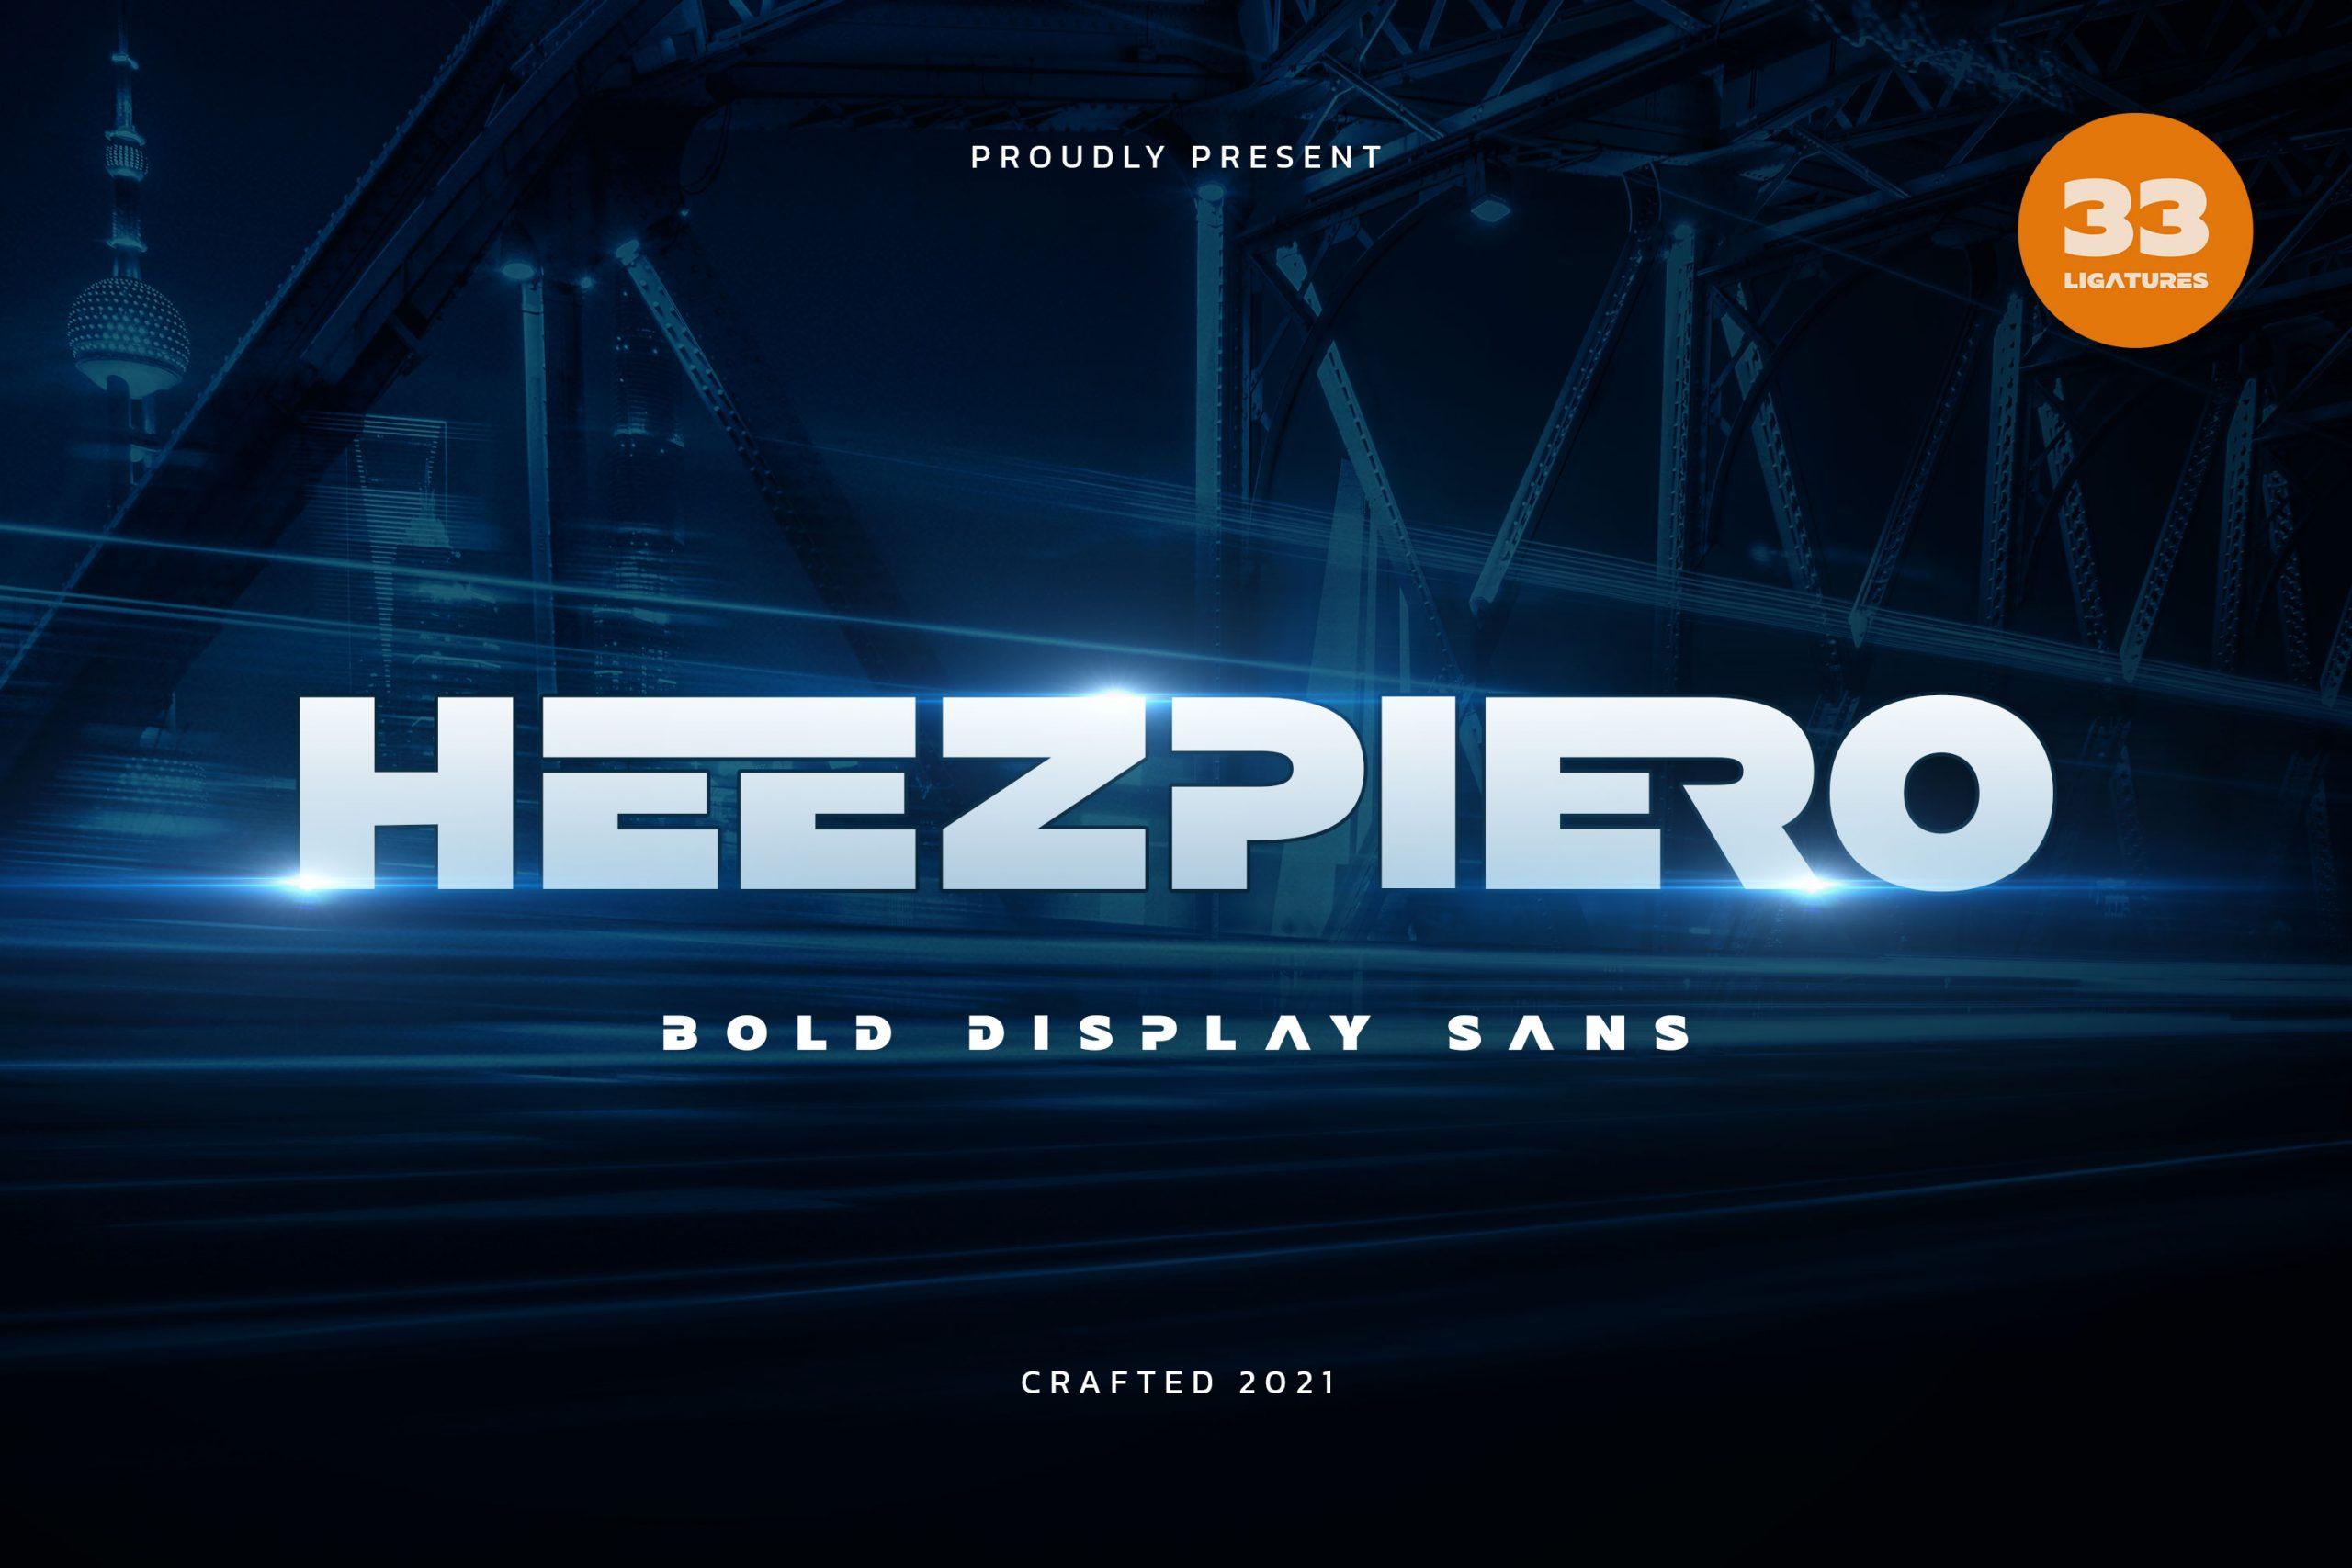 HeezpieroSans Serif Font -1